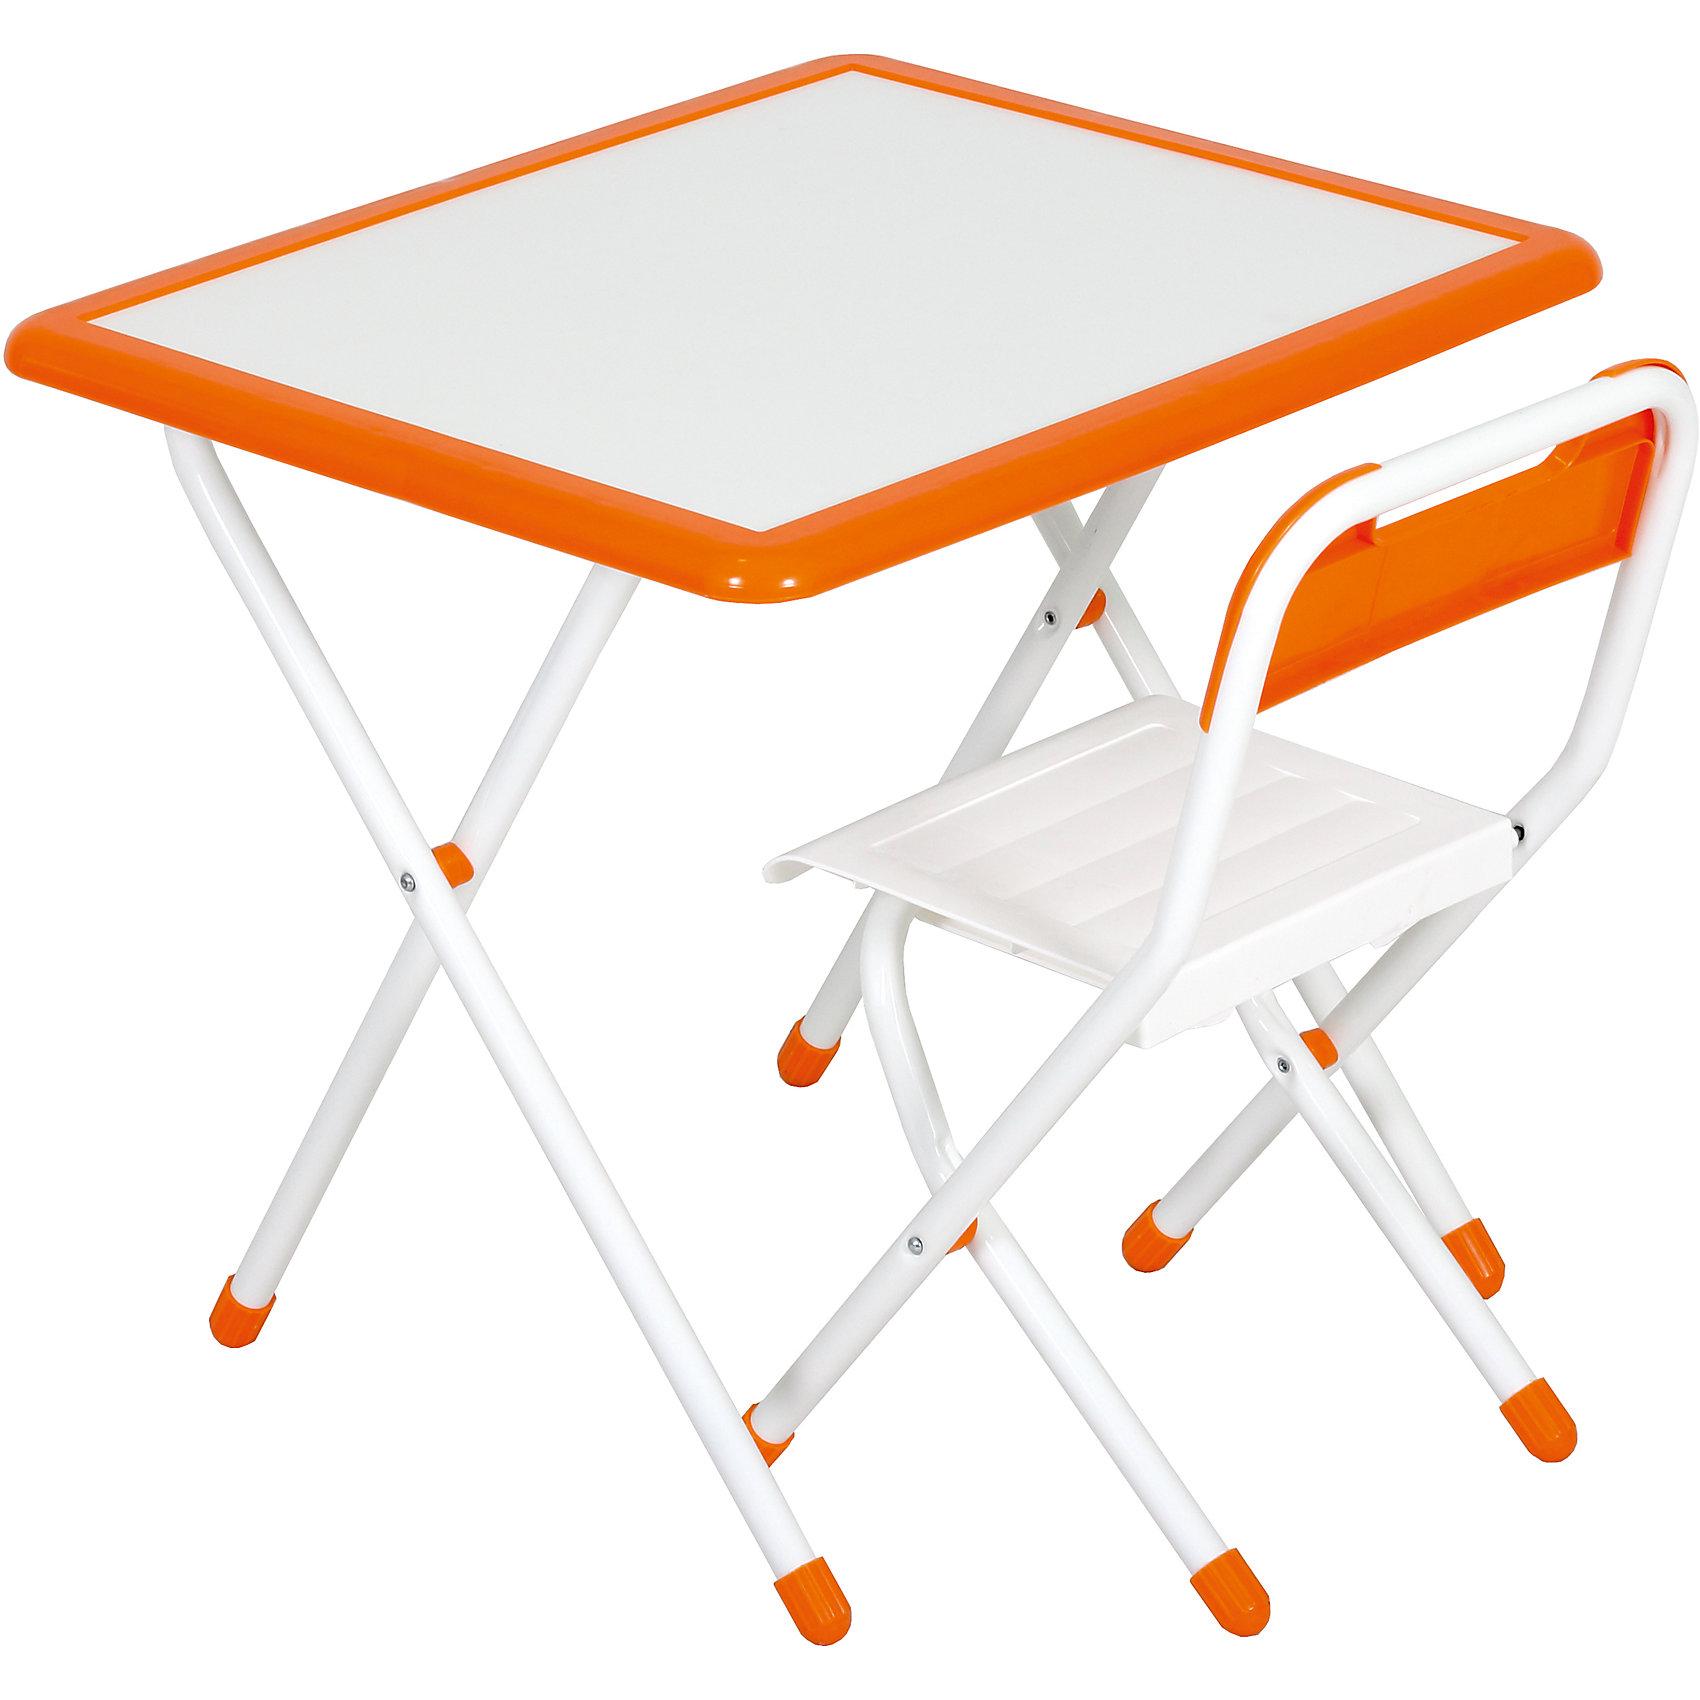 Набор детской складной мебели, Дэми, бело-оранжевыйМебель<br>Каждый ребенок нуждается в удобной, специальной мебели, чтобы его организм мог развиваться правильно. Этот набор детской складной мебели - универсальный комплект необходимых предметов для малыша. Он состоит из стула и стола, выполненных в приятных тонах. <br>Столешница позволяет разместить на ней все необходимые предметы: можно есть, играть или учиться! Набор разработан в соответствии с рекомендациями врачей-ортопедов. Сделан из безопасных для ребенка материалов. Стол и стульчик очень легко моется - ребенок сам сможет поддерживать его в чистоте. Мебель складная, ее очень удобно хранить.<br><br><br>Дополнительная информация:<br>цвет: белый/оранжевый;<br>просторная столешница;<br>оригинальный дизайн;<br>легко моется;<br>соответствует рекомендациям ортопедов;<br>боковой пенал для канцелярии;<br>для детей ростом от 115 до 130 см;<br>соответствует стандартам качества.<br><br>Набор детской складной мебели бело-оранжевый можно купить в нашем магазине.<br><br>Ширина мм: 77<br>Глубина мм: 73<br>Высота мм: 15<br>Вес г: 8500<br>Цвет: белый/оранжевый<br>Возраст от месяцев: 48<br>Возраст до месяцев: 96<br>Пол: Унисекс<br>Возраст: Детский<br>SKU: 4693961